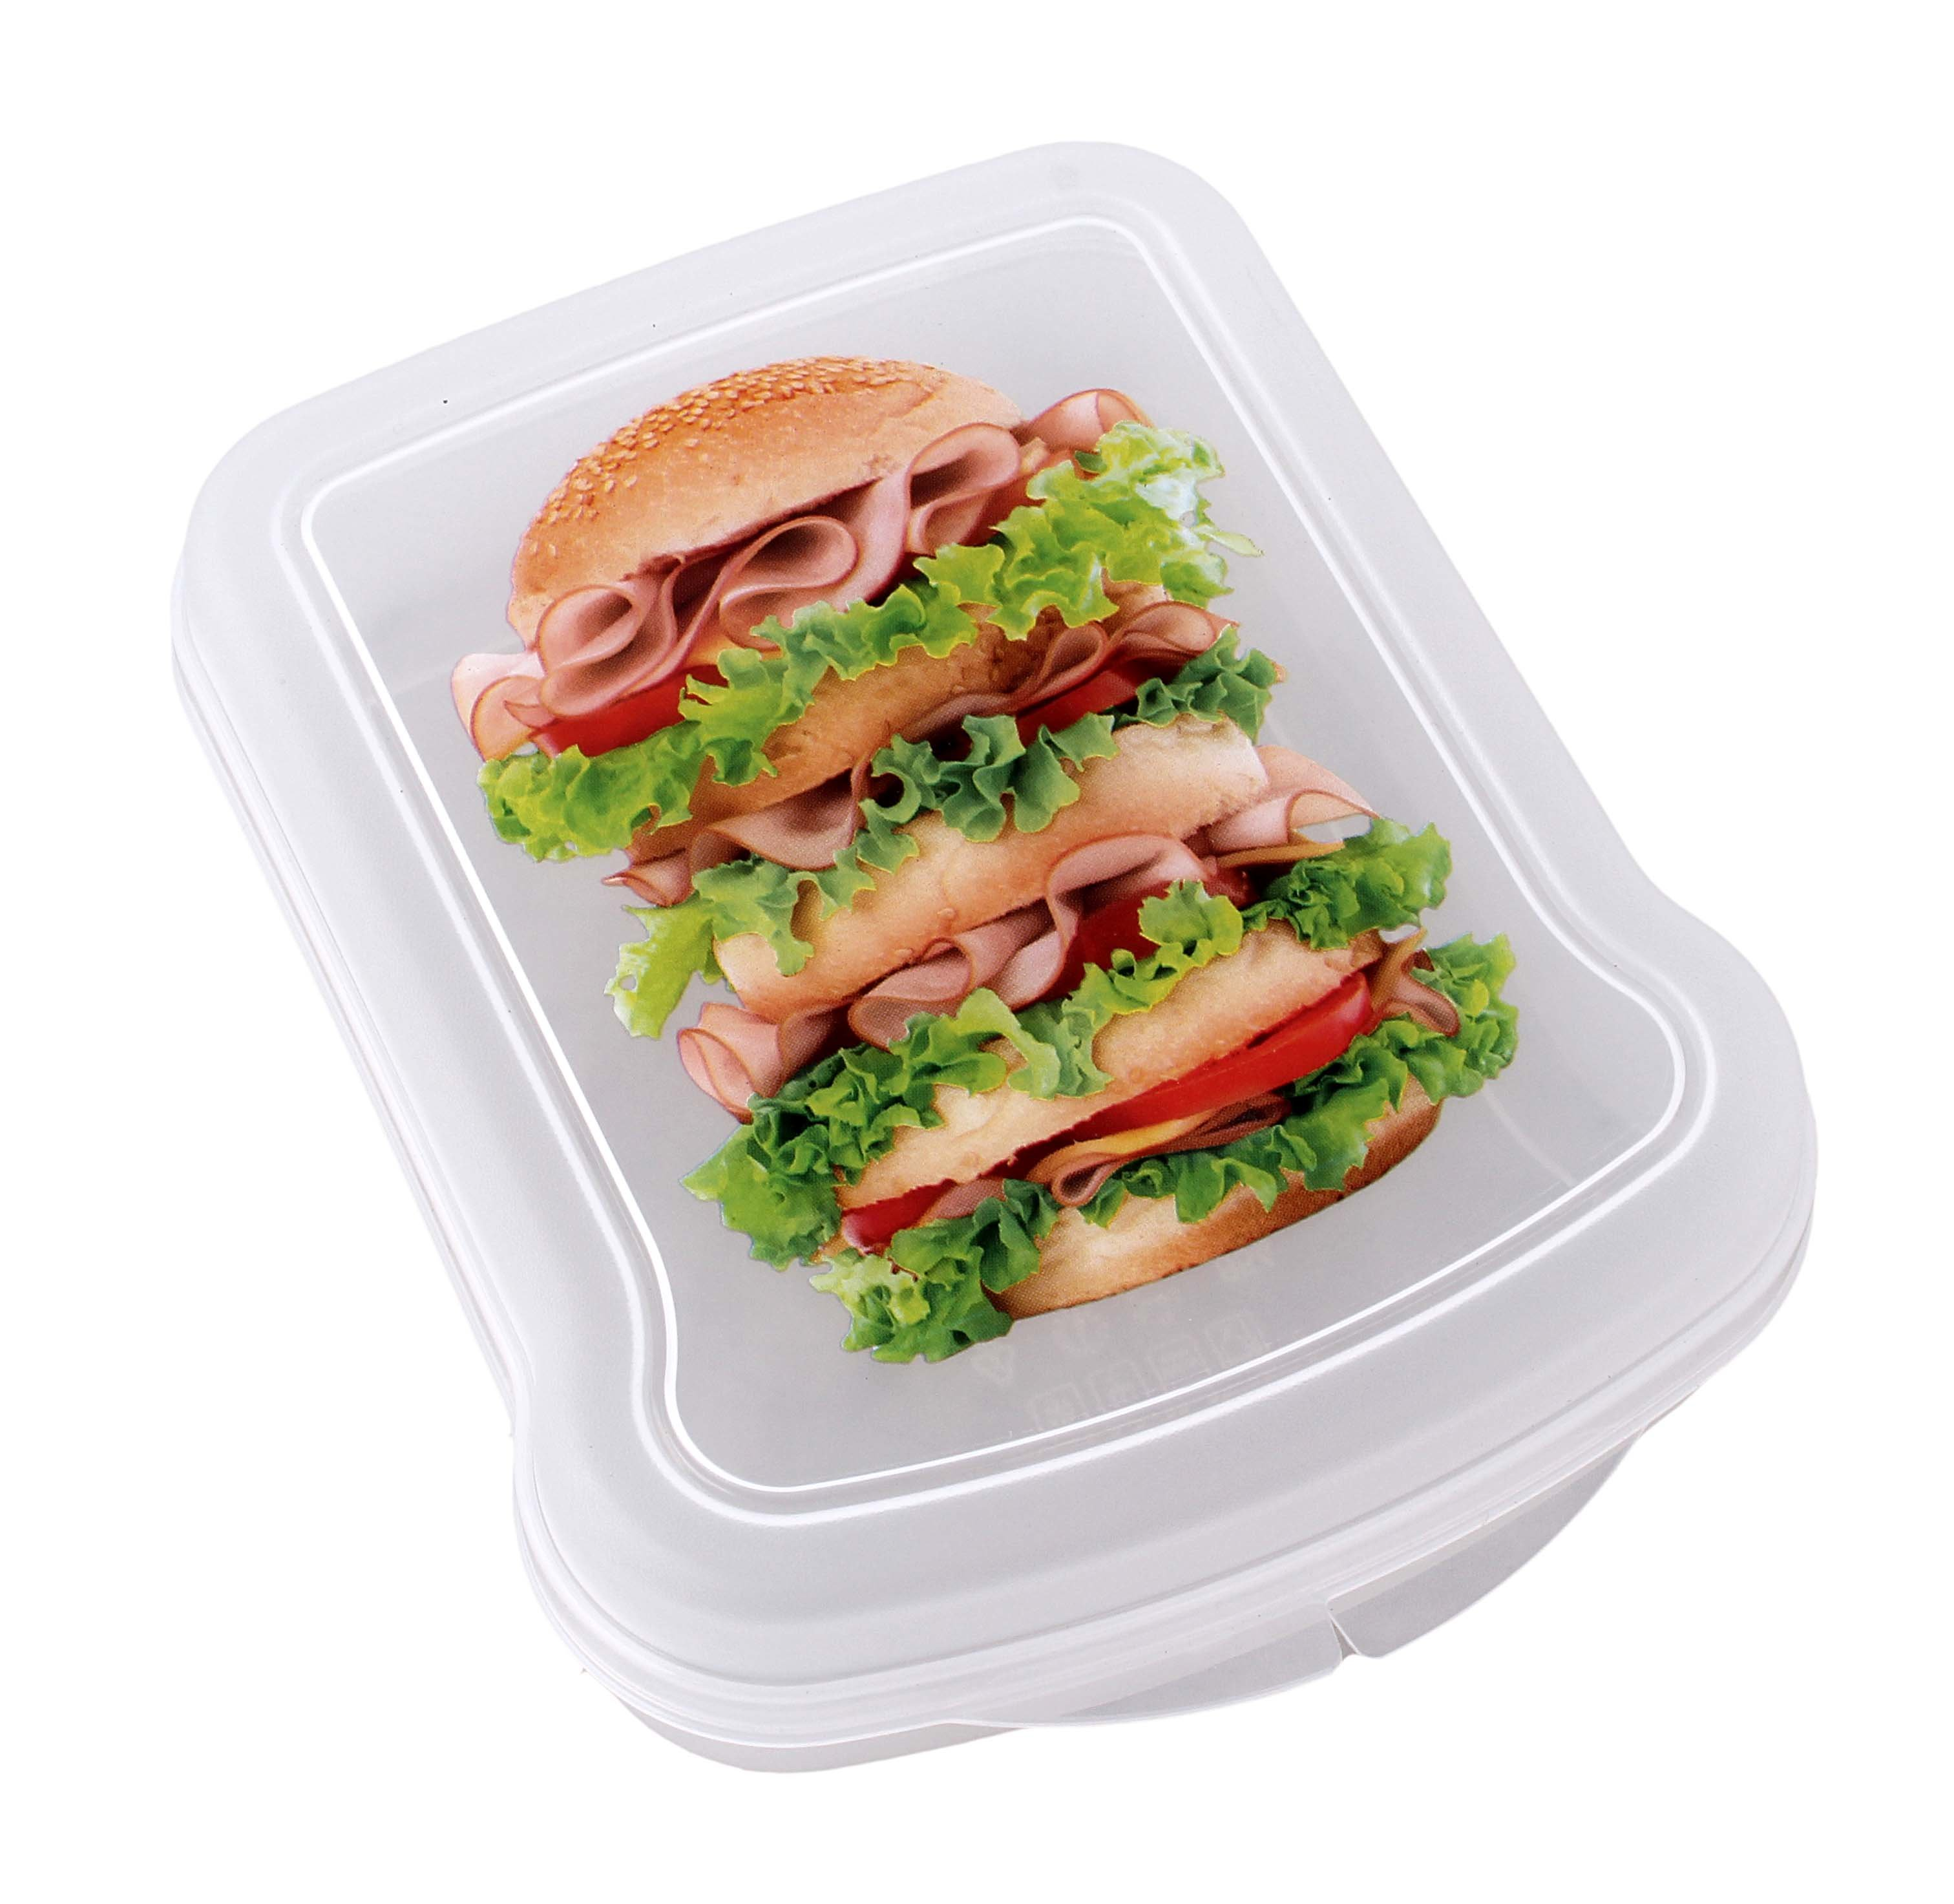 контейнеры для продуктов Бытпласт с12854 контейнер д/бутербродов